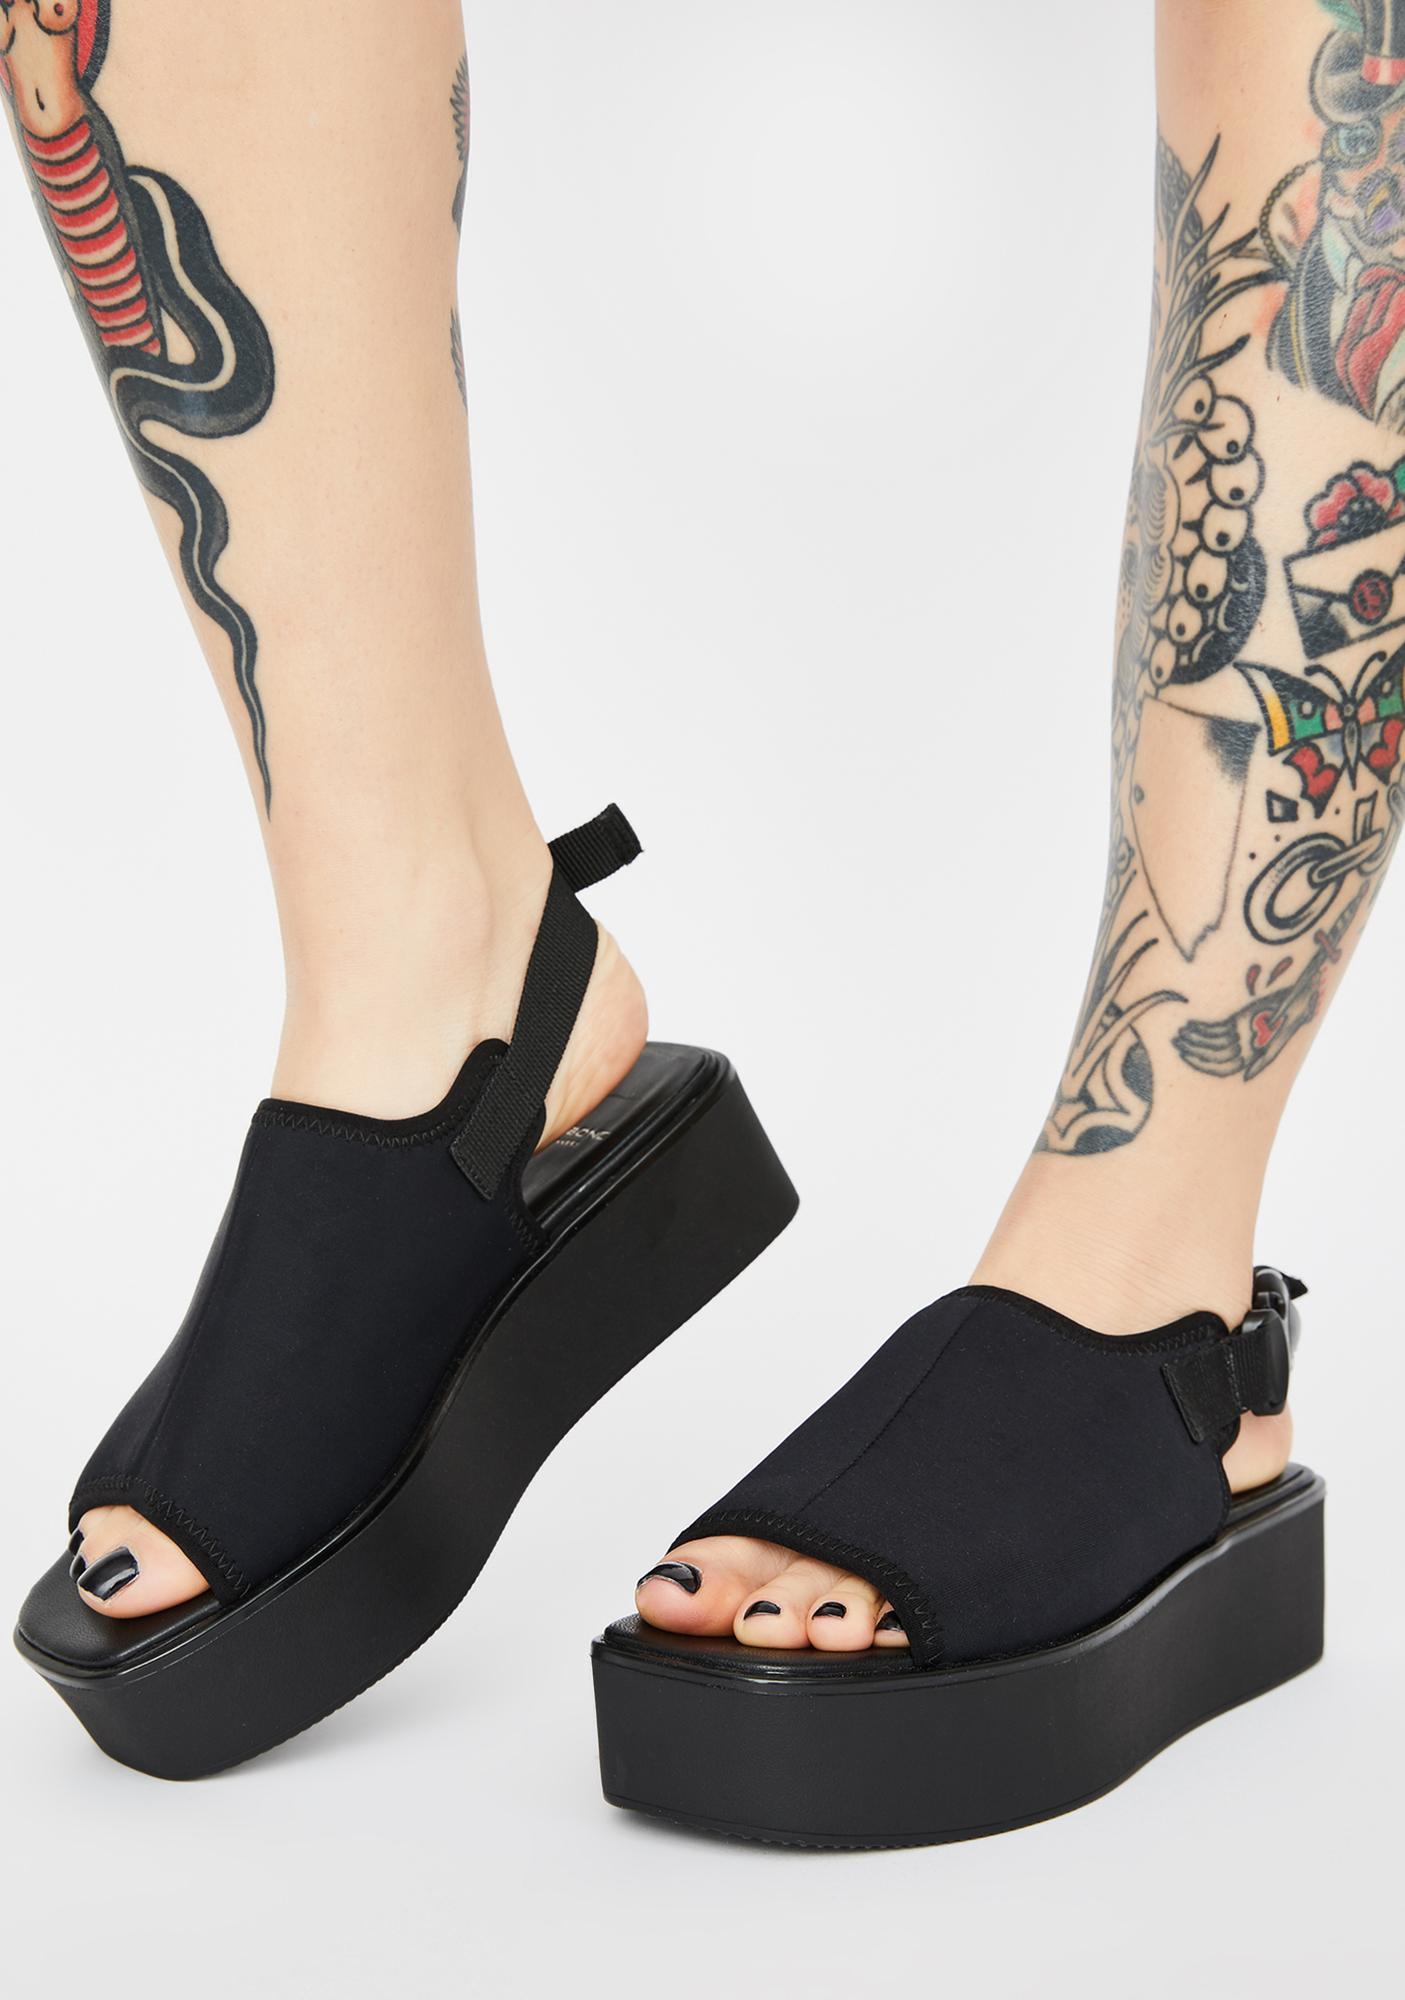 VAGABOND SHOEMAKERS Black Textile Bonnie Platform Sandals